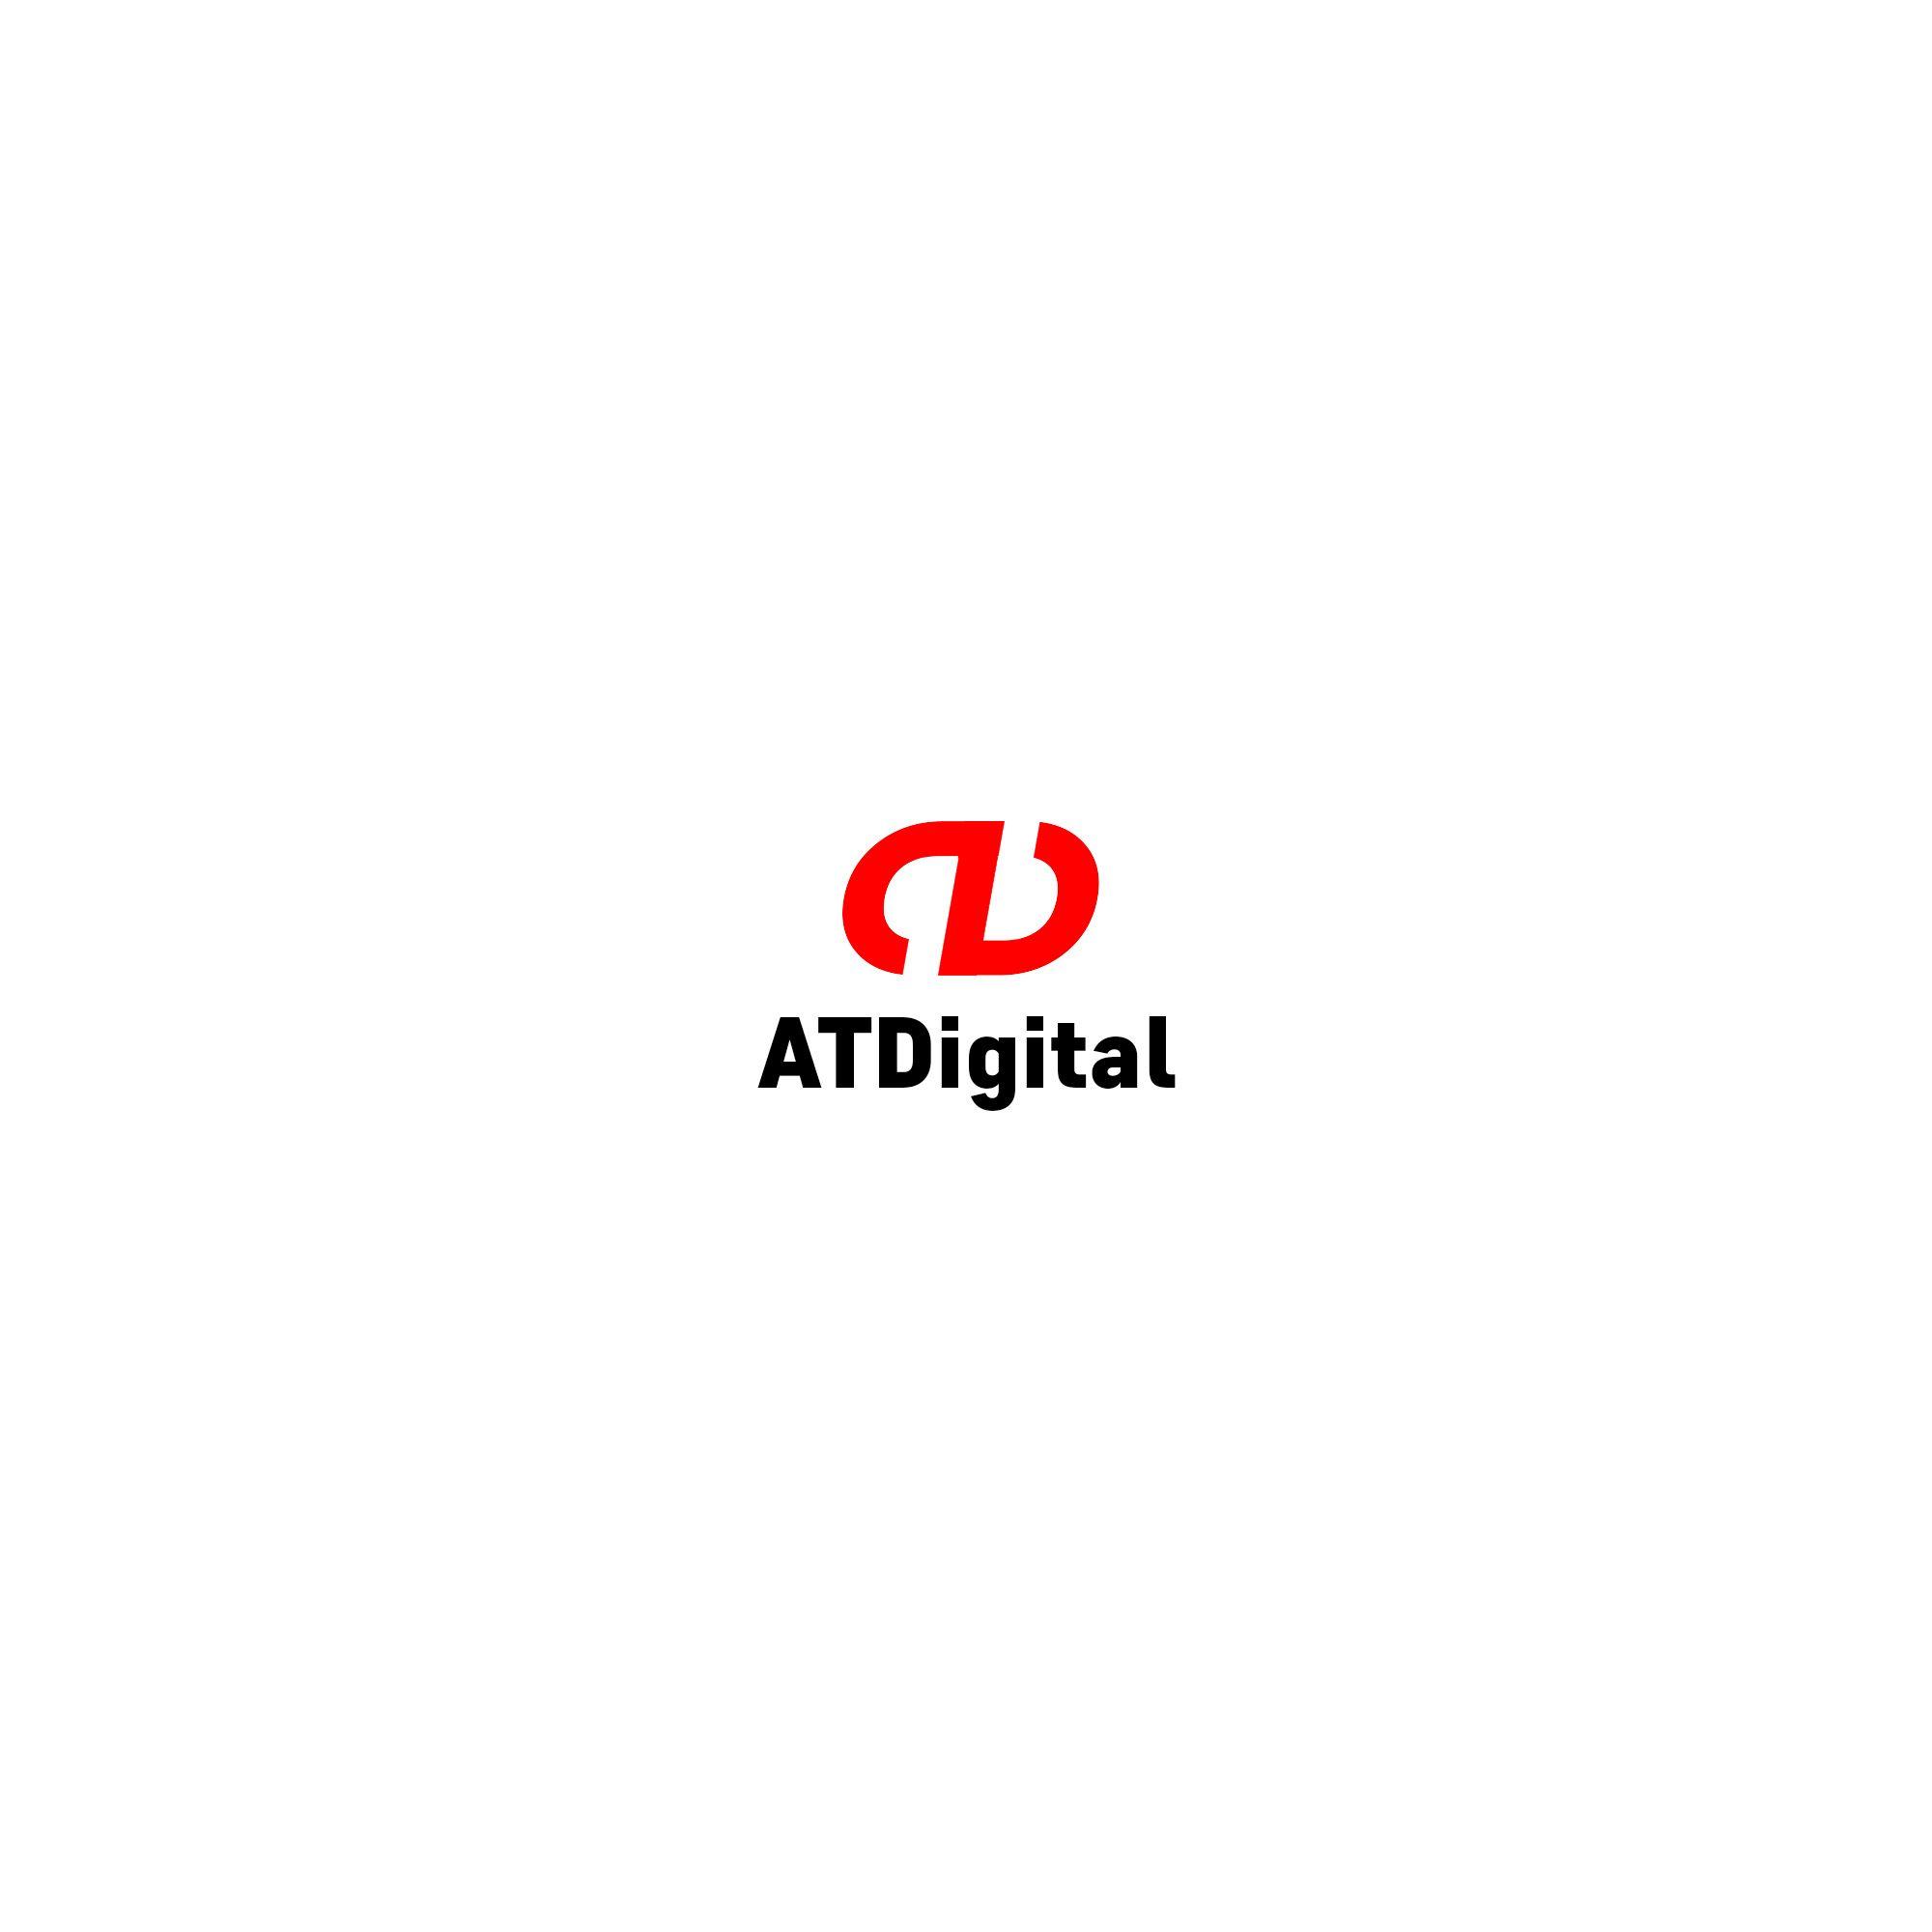 Логотип для ATDigital - дизайнер weste32